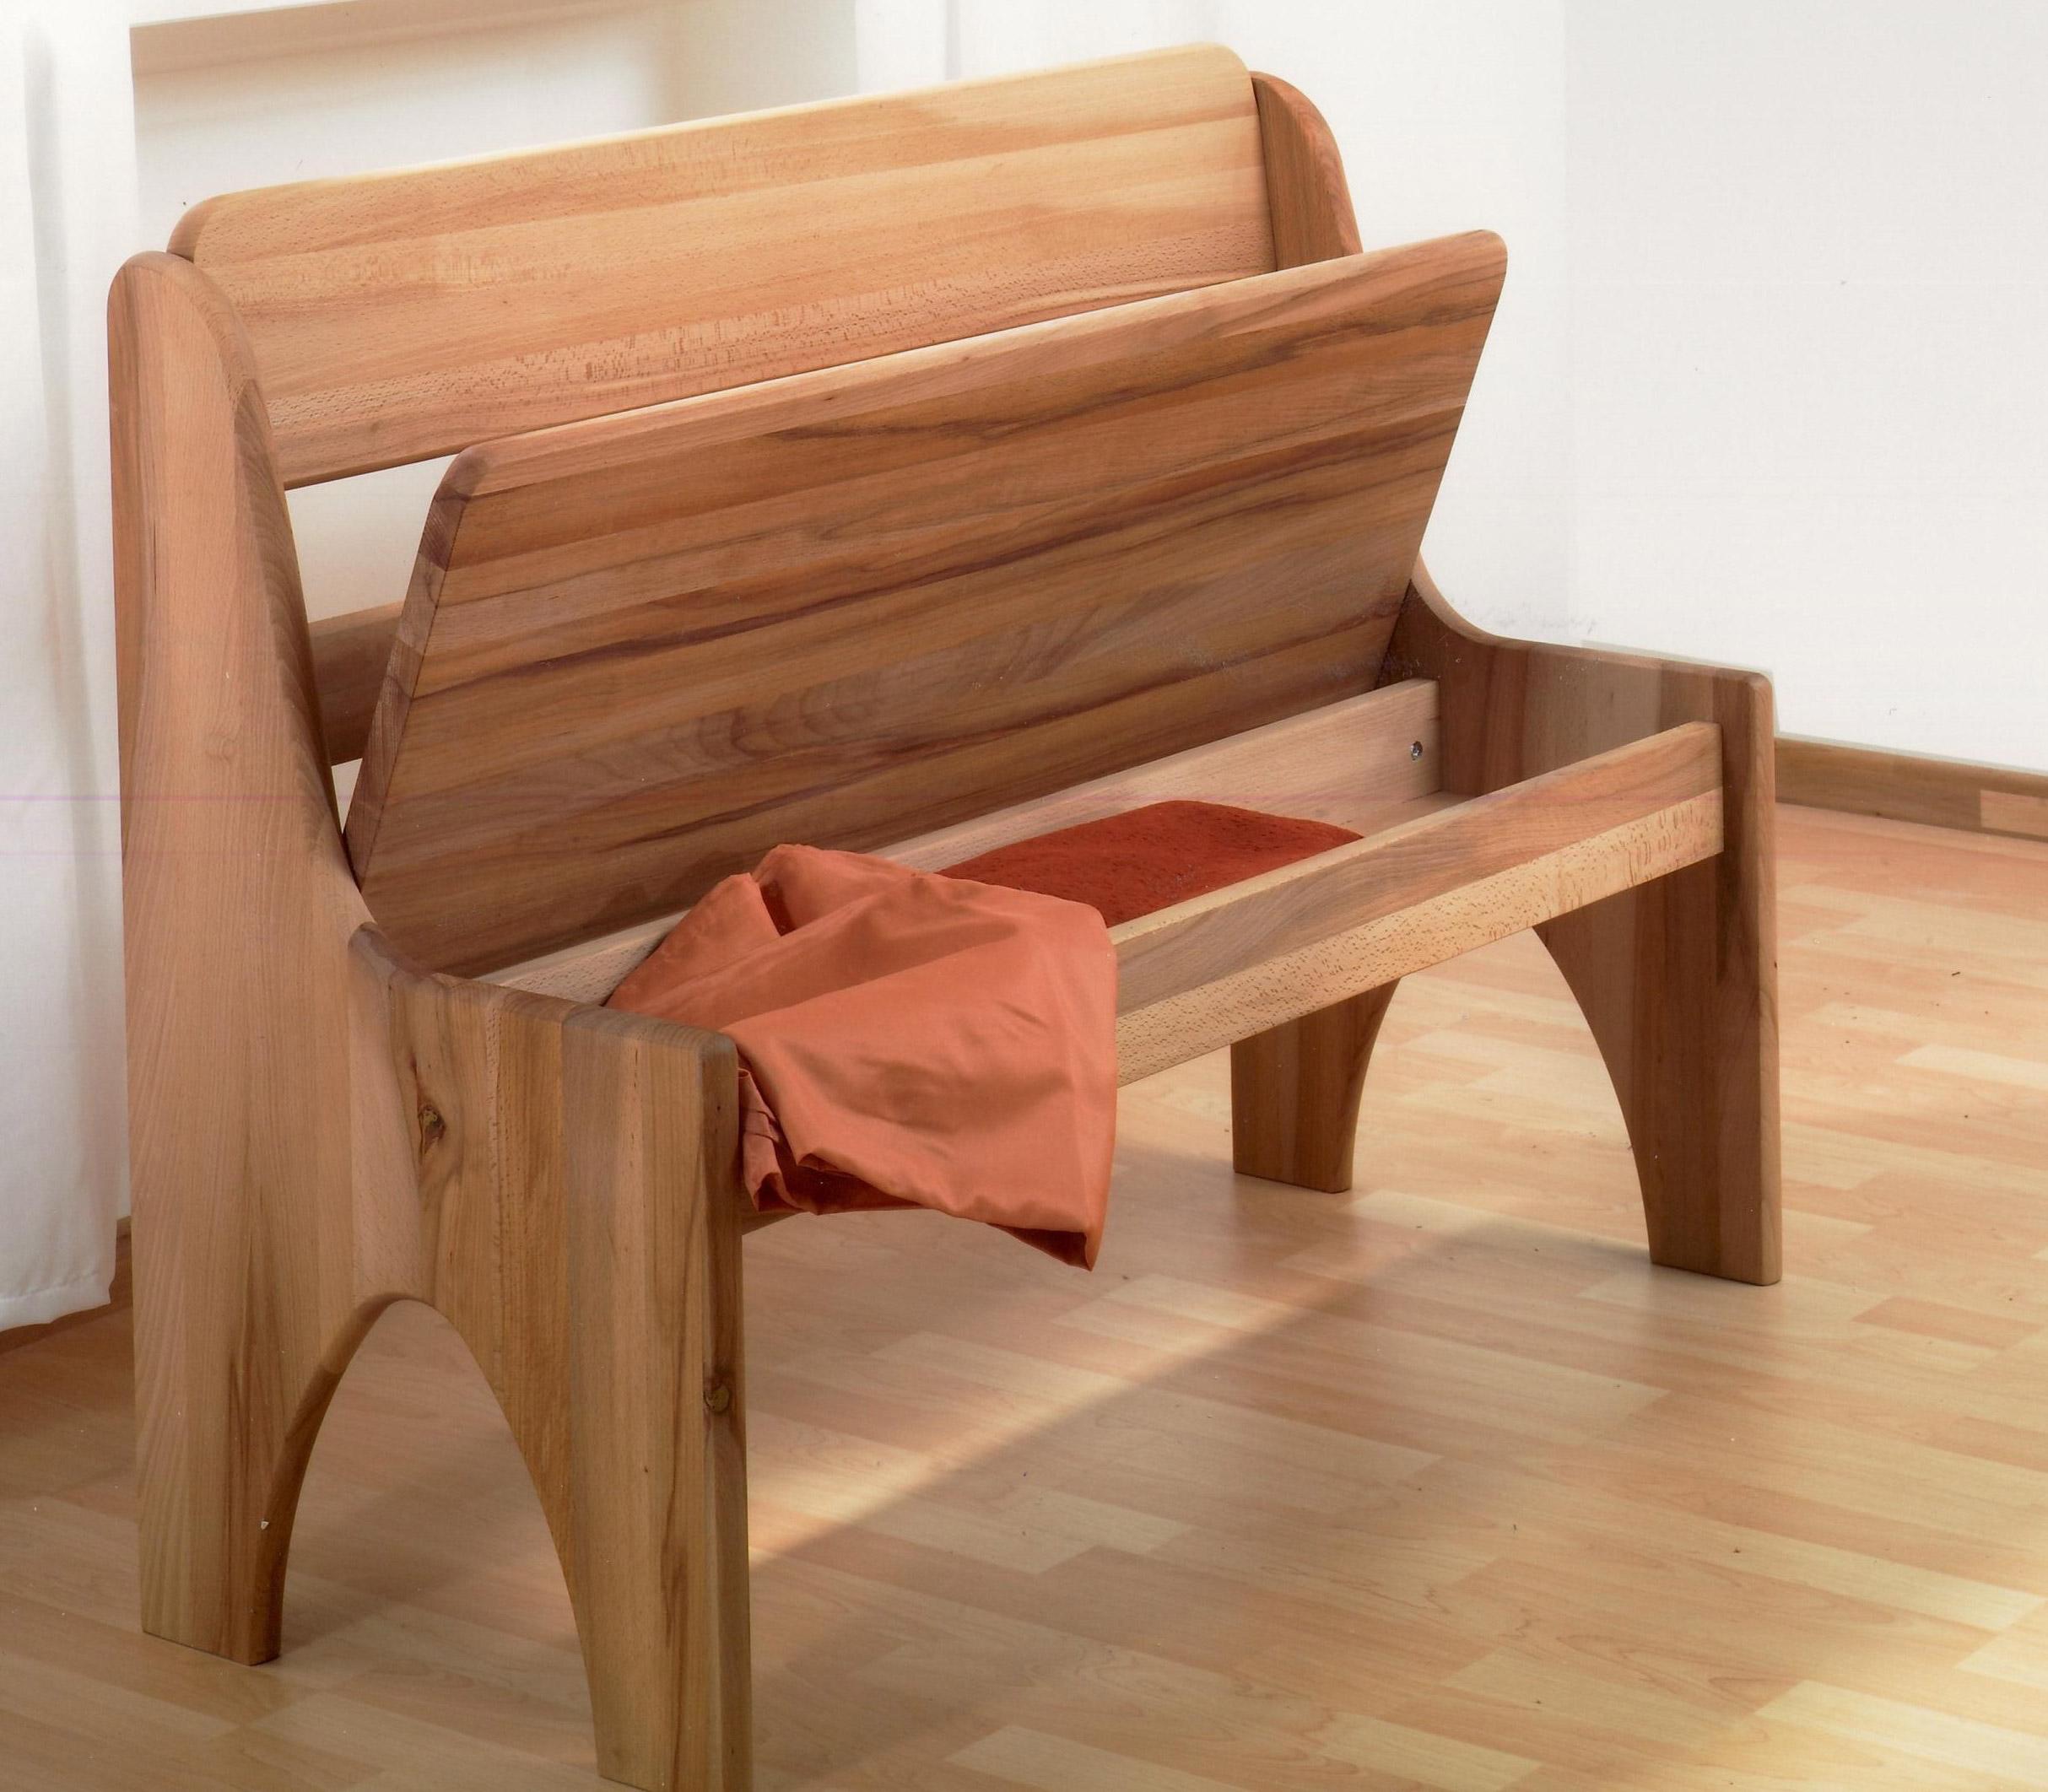 Sitzbank standardmäßig mit kleiner Truhe